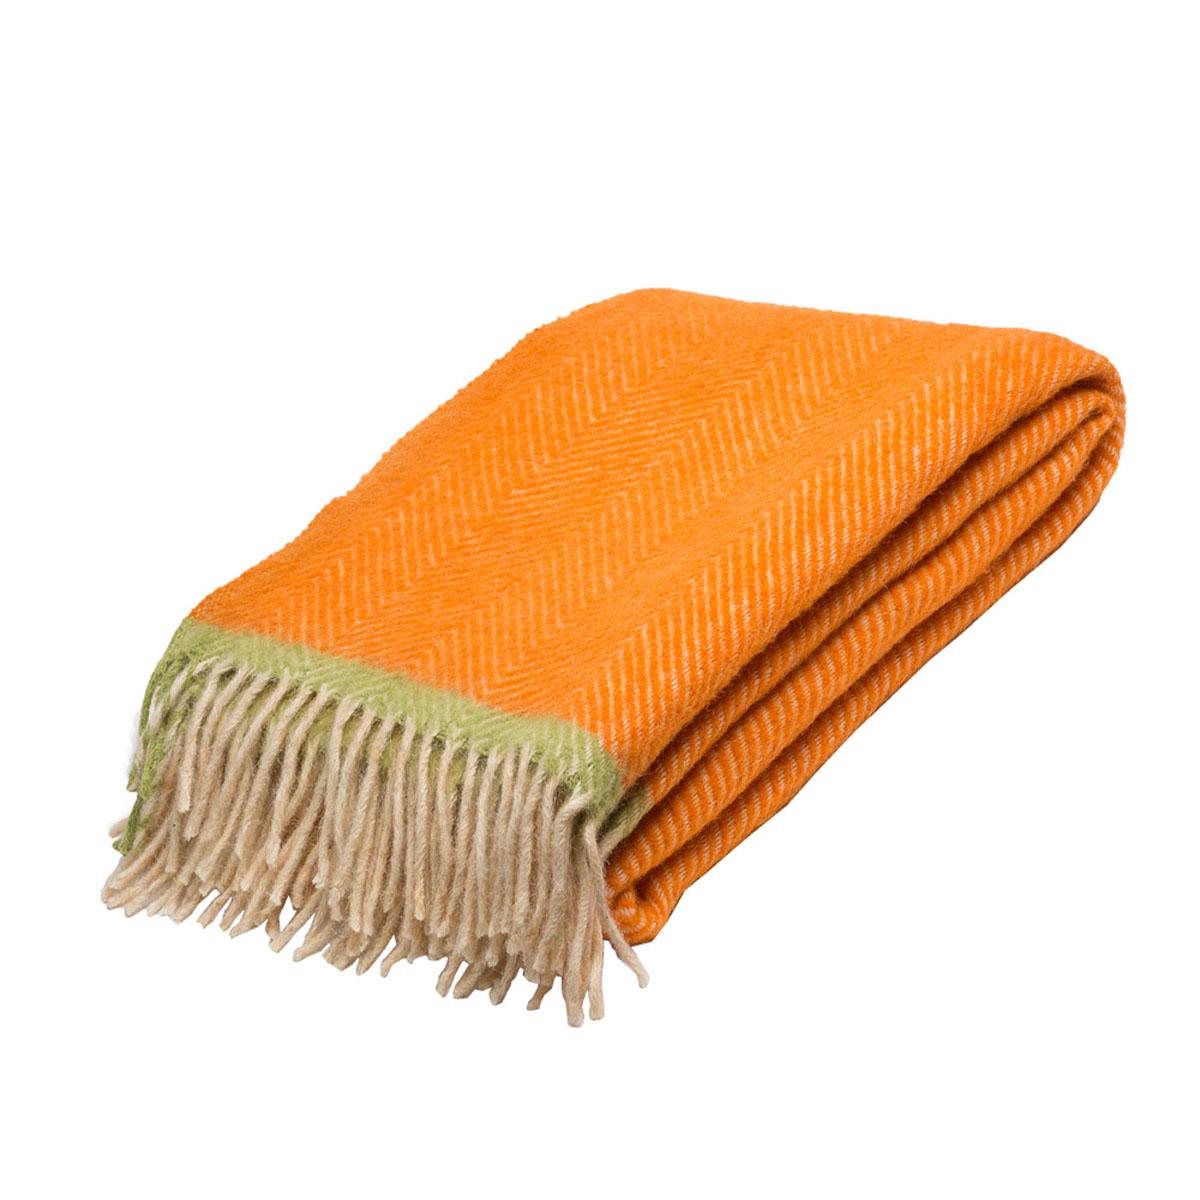 Плед Руно Mone, цвет: оранжевый, светло-бежевый, 140 х 200 см. 1-541-140 (08)68551Плед Руно Mone гармонично впишется в интерьер вашего дома и создаст атмосферу уюта и комфорта. Чрезвычайно мягкий и теплый плед с кистями изготовлен из натуральной овечьей шерсти. Высочайшее качество материала гарантирует безопасность не только взрослых, но и самых маленьких членов семьи.Плед - это такой подарок, который будет всегда актуален, особенно для ваших родных и близких, ведь вы дарите им частичку своего тепла!